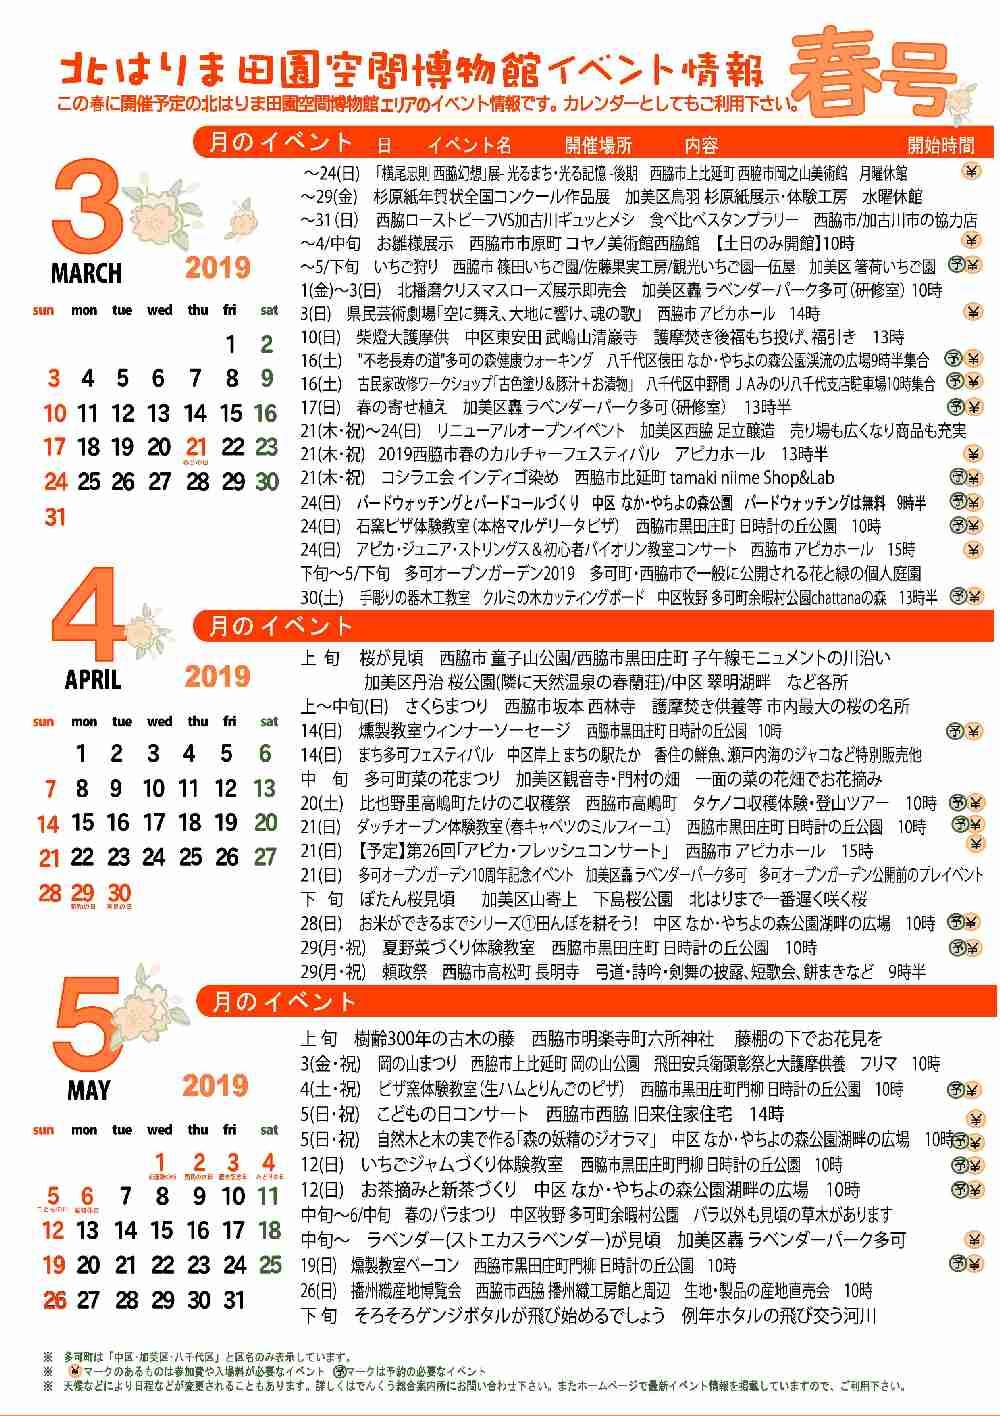 2019春の見てみてガイド&イベントカレンダー